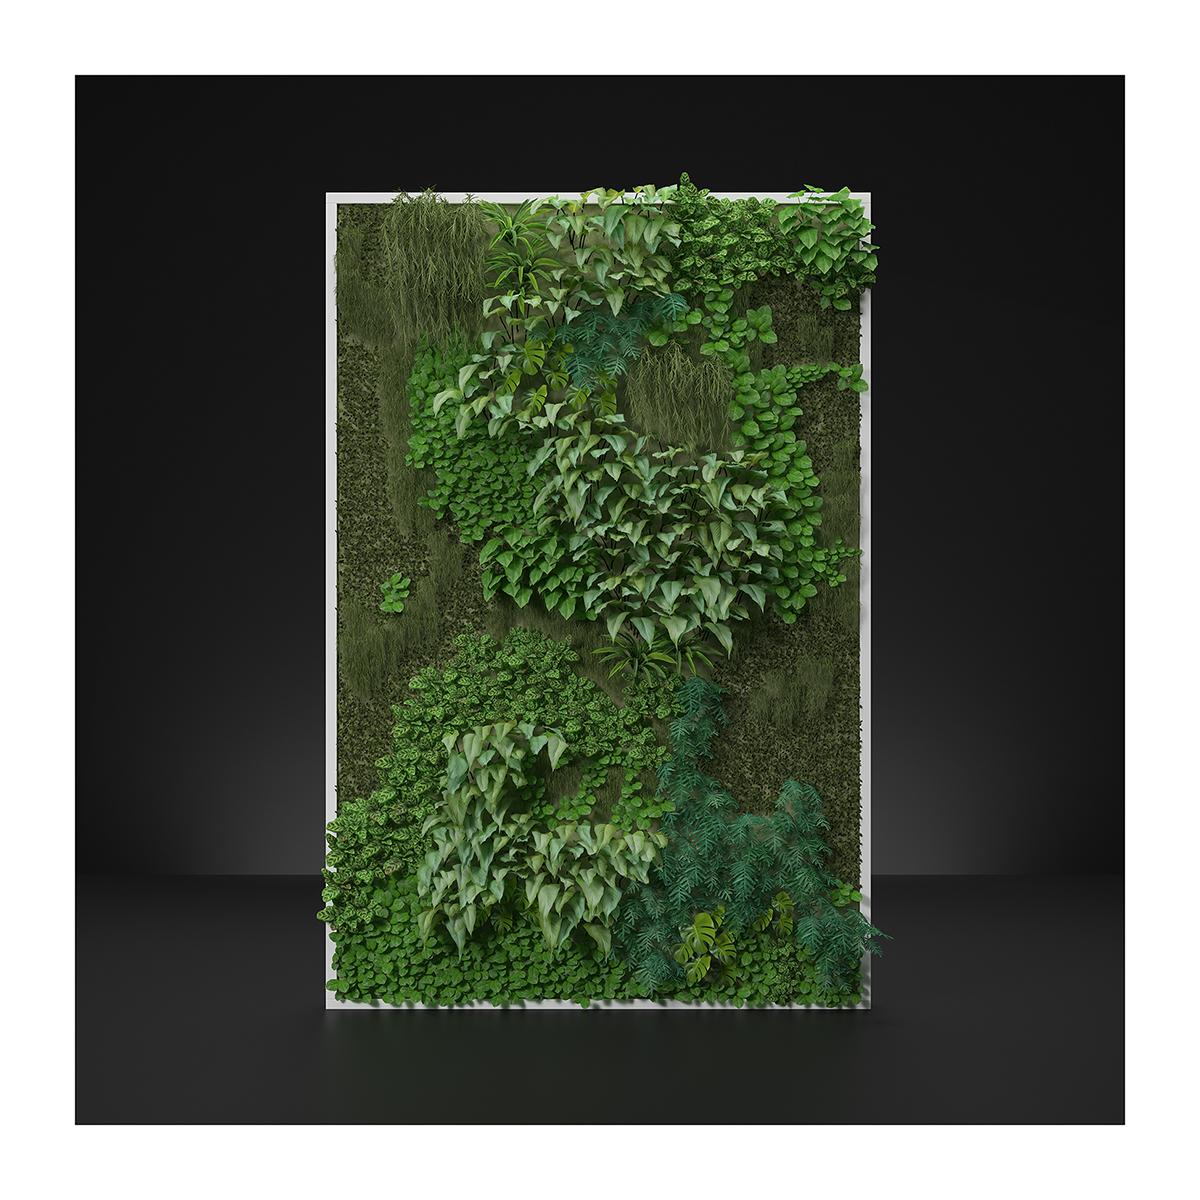 Virtual Vertical Garden N1 002 1 - 2020 - Virtual Vertical Garden N°1